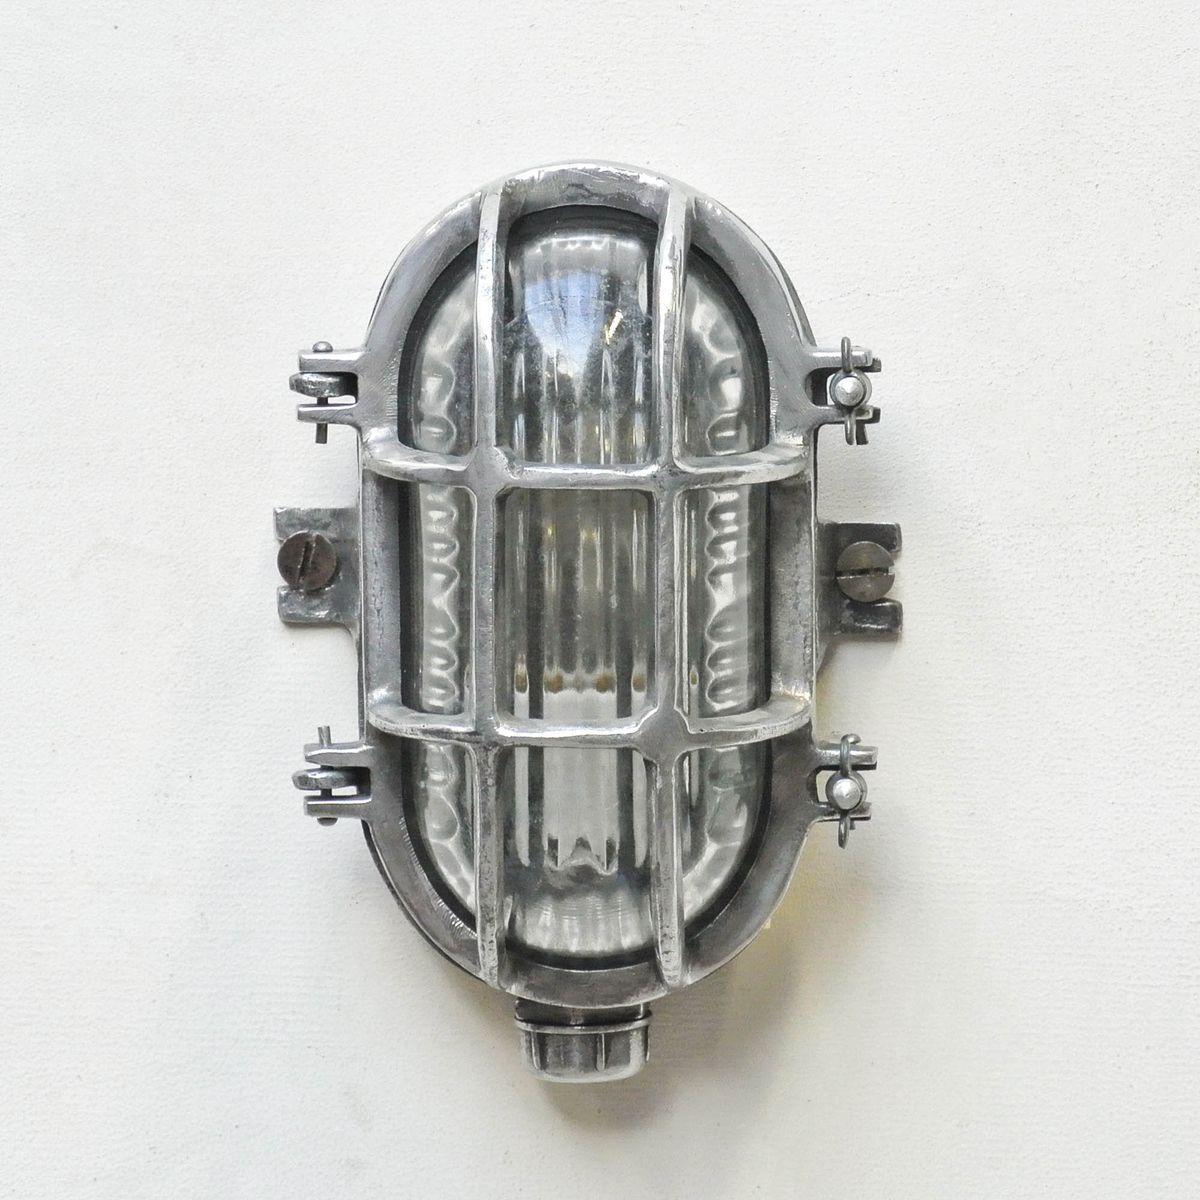 Wandbeleuchtung Fur Badezimmer Wandlampe Led Mit Schalter